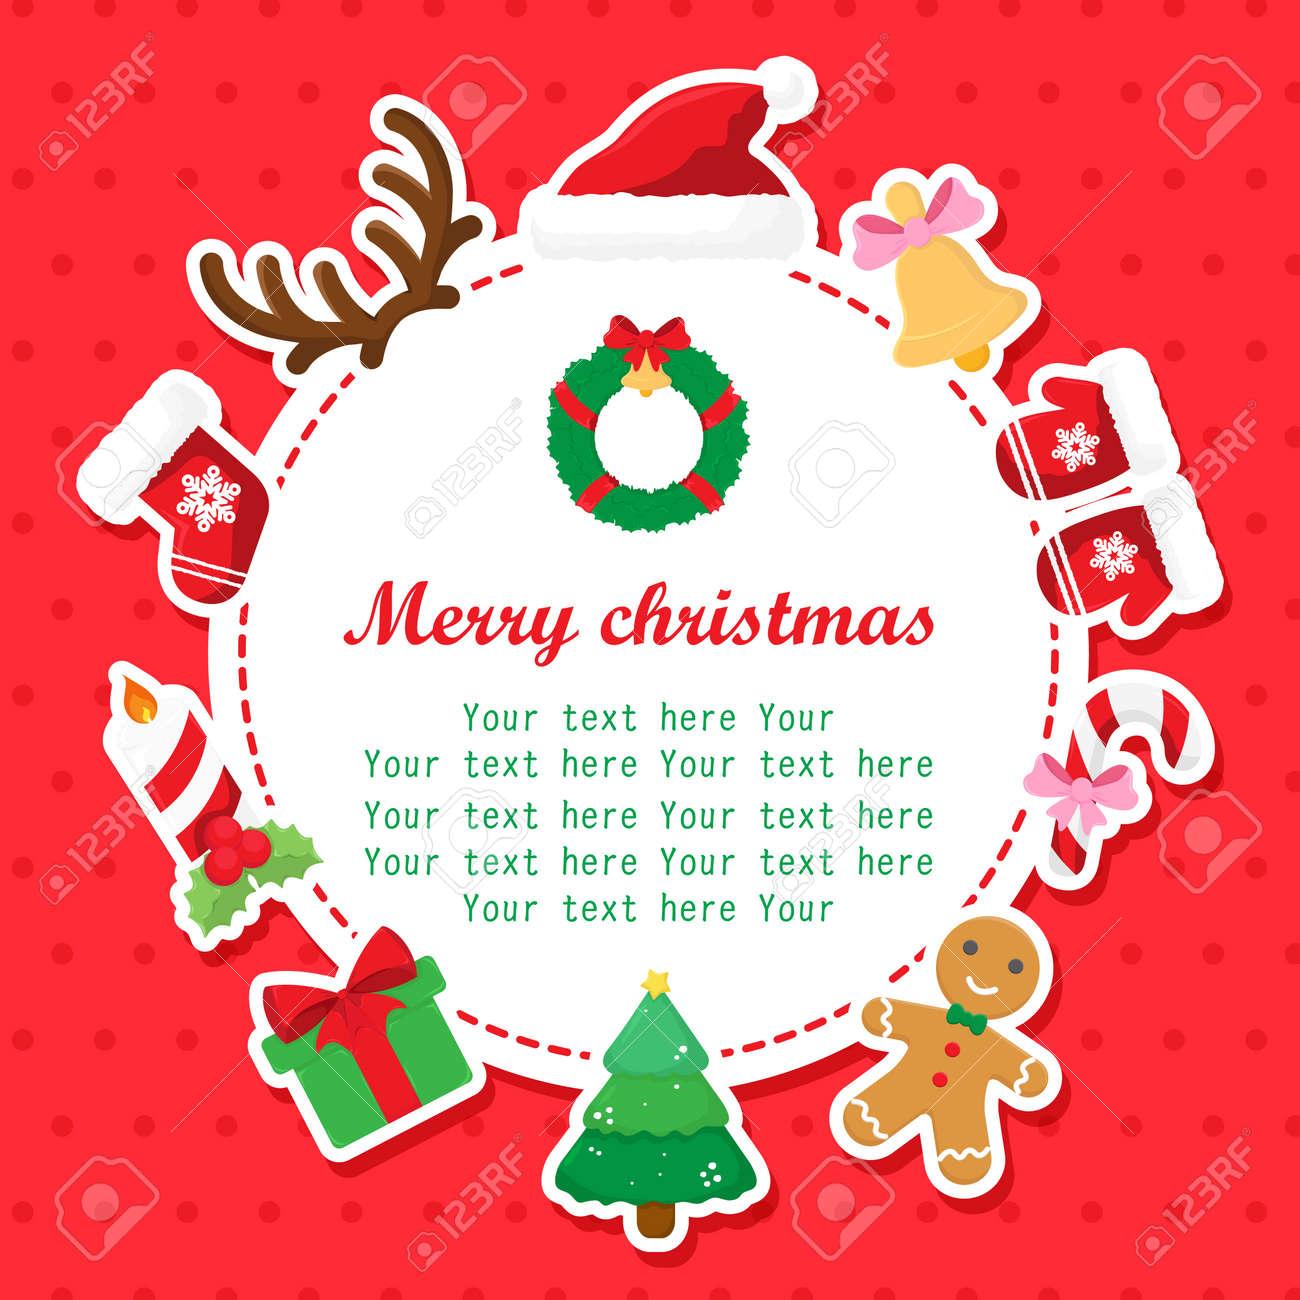 Tarjeta De Navidad Con El Lugar Para Su Texto Dibujos Animados Tarjeta De Invitación Con El Marco Del Tipo De Letra